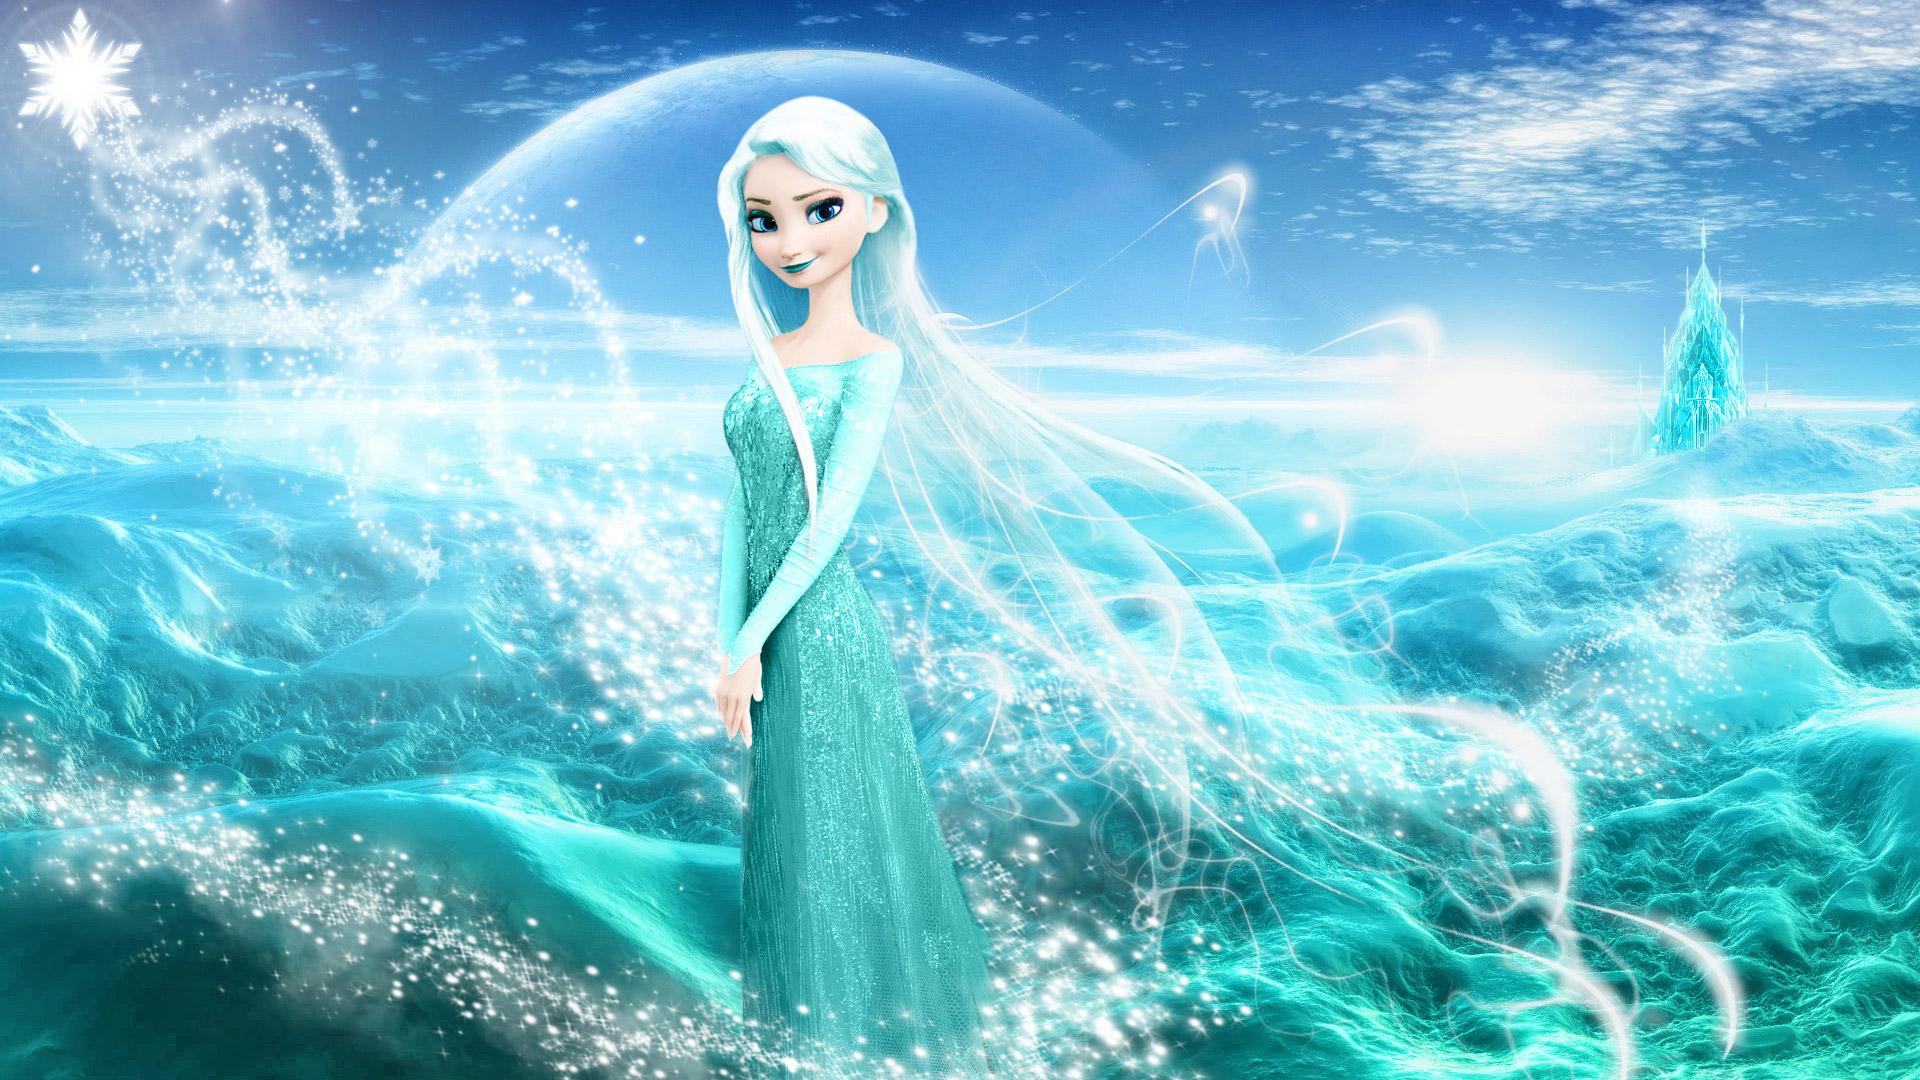 The Snow Queen Elsa The Snow Queen Wallpaper 38503563 Fanpop